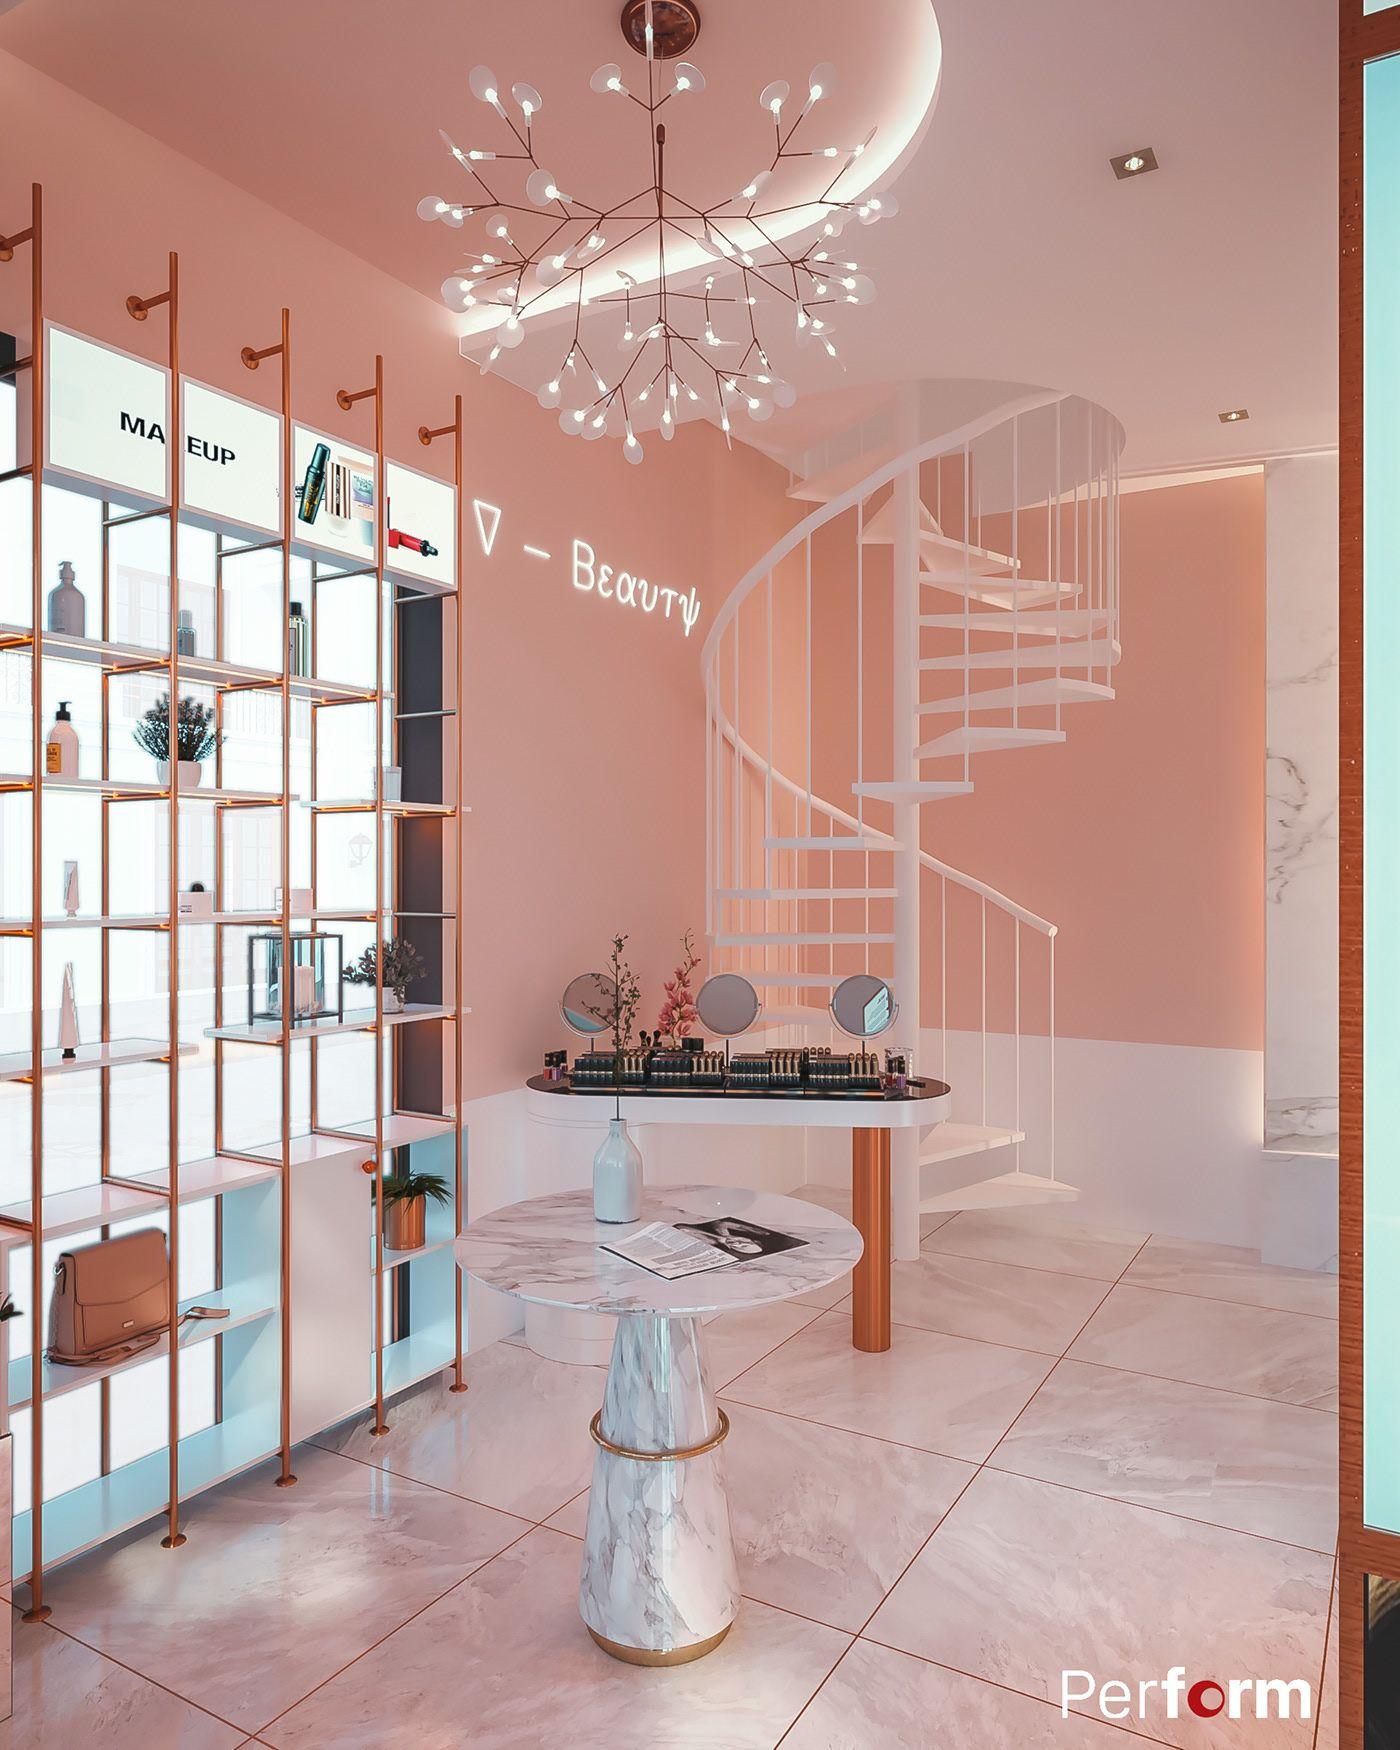 Autodesk Room Design: Tasarım, Fikirler, Mağaza